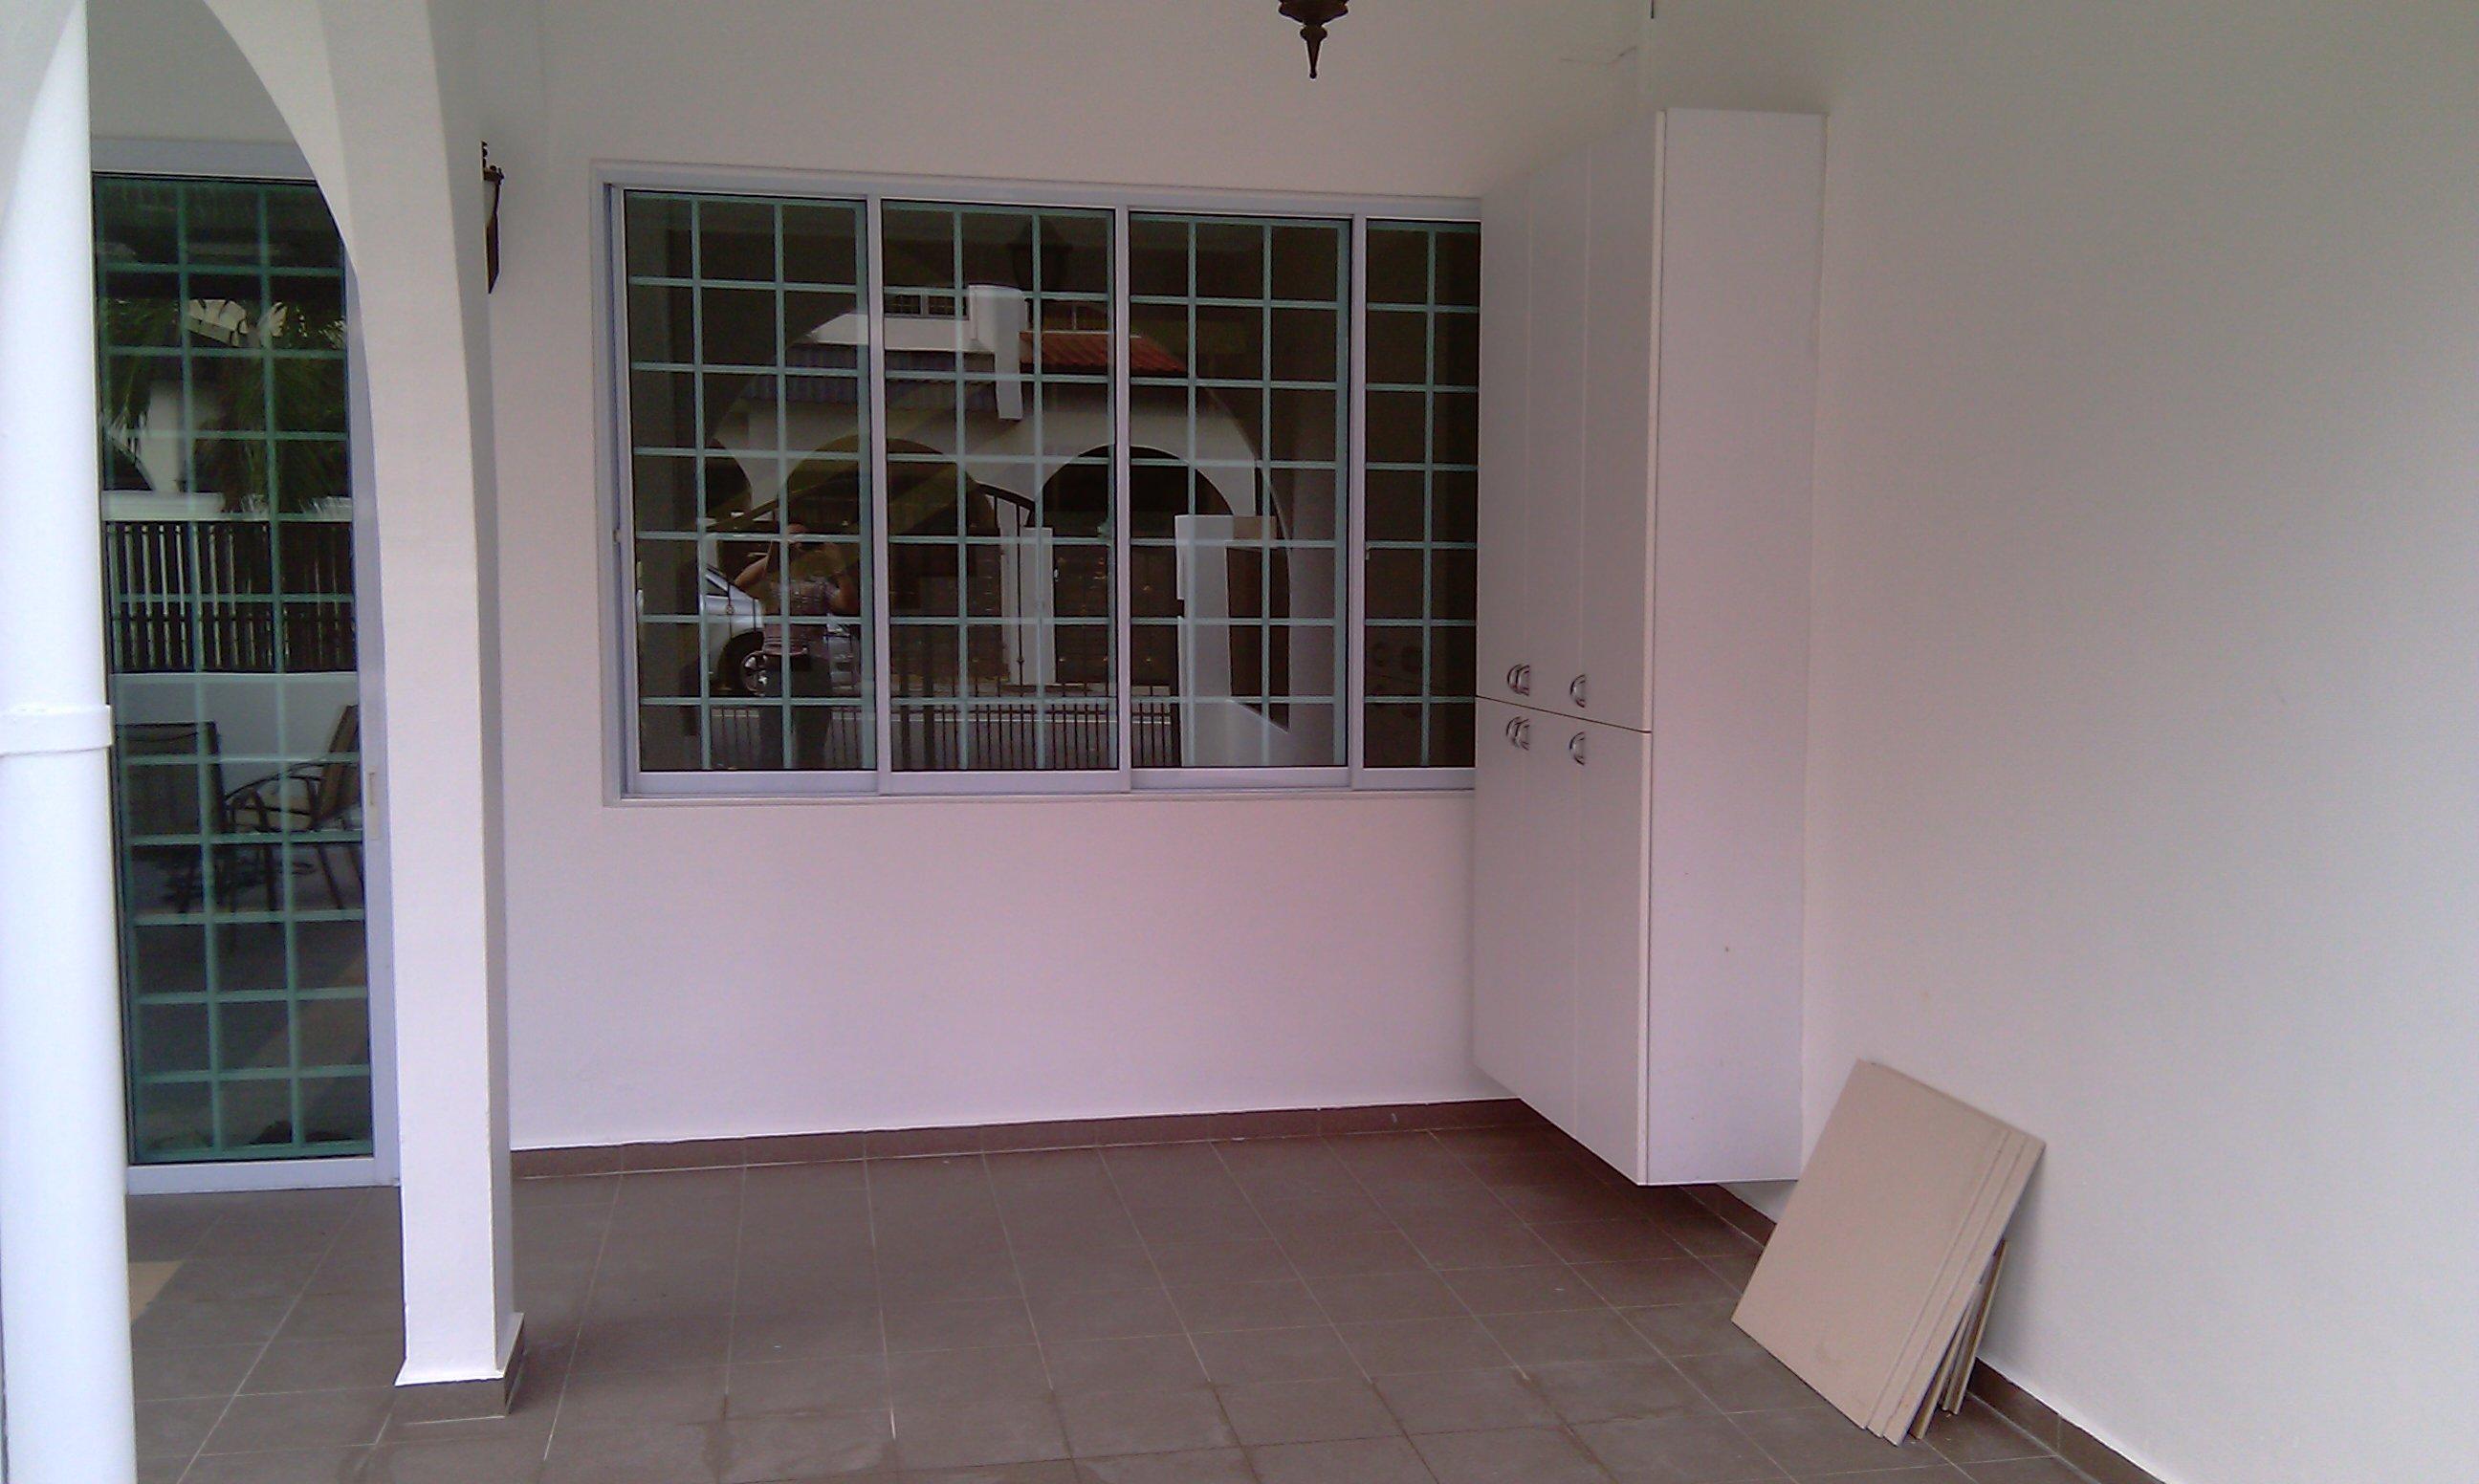 Landed Property Renovaton at Lorong Melayu by Brilliance - main wall